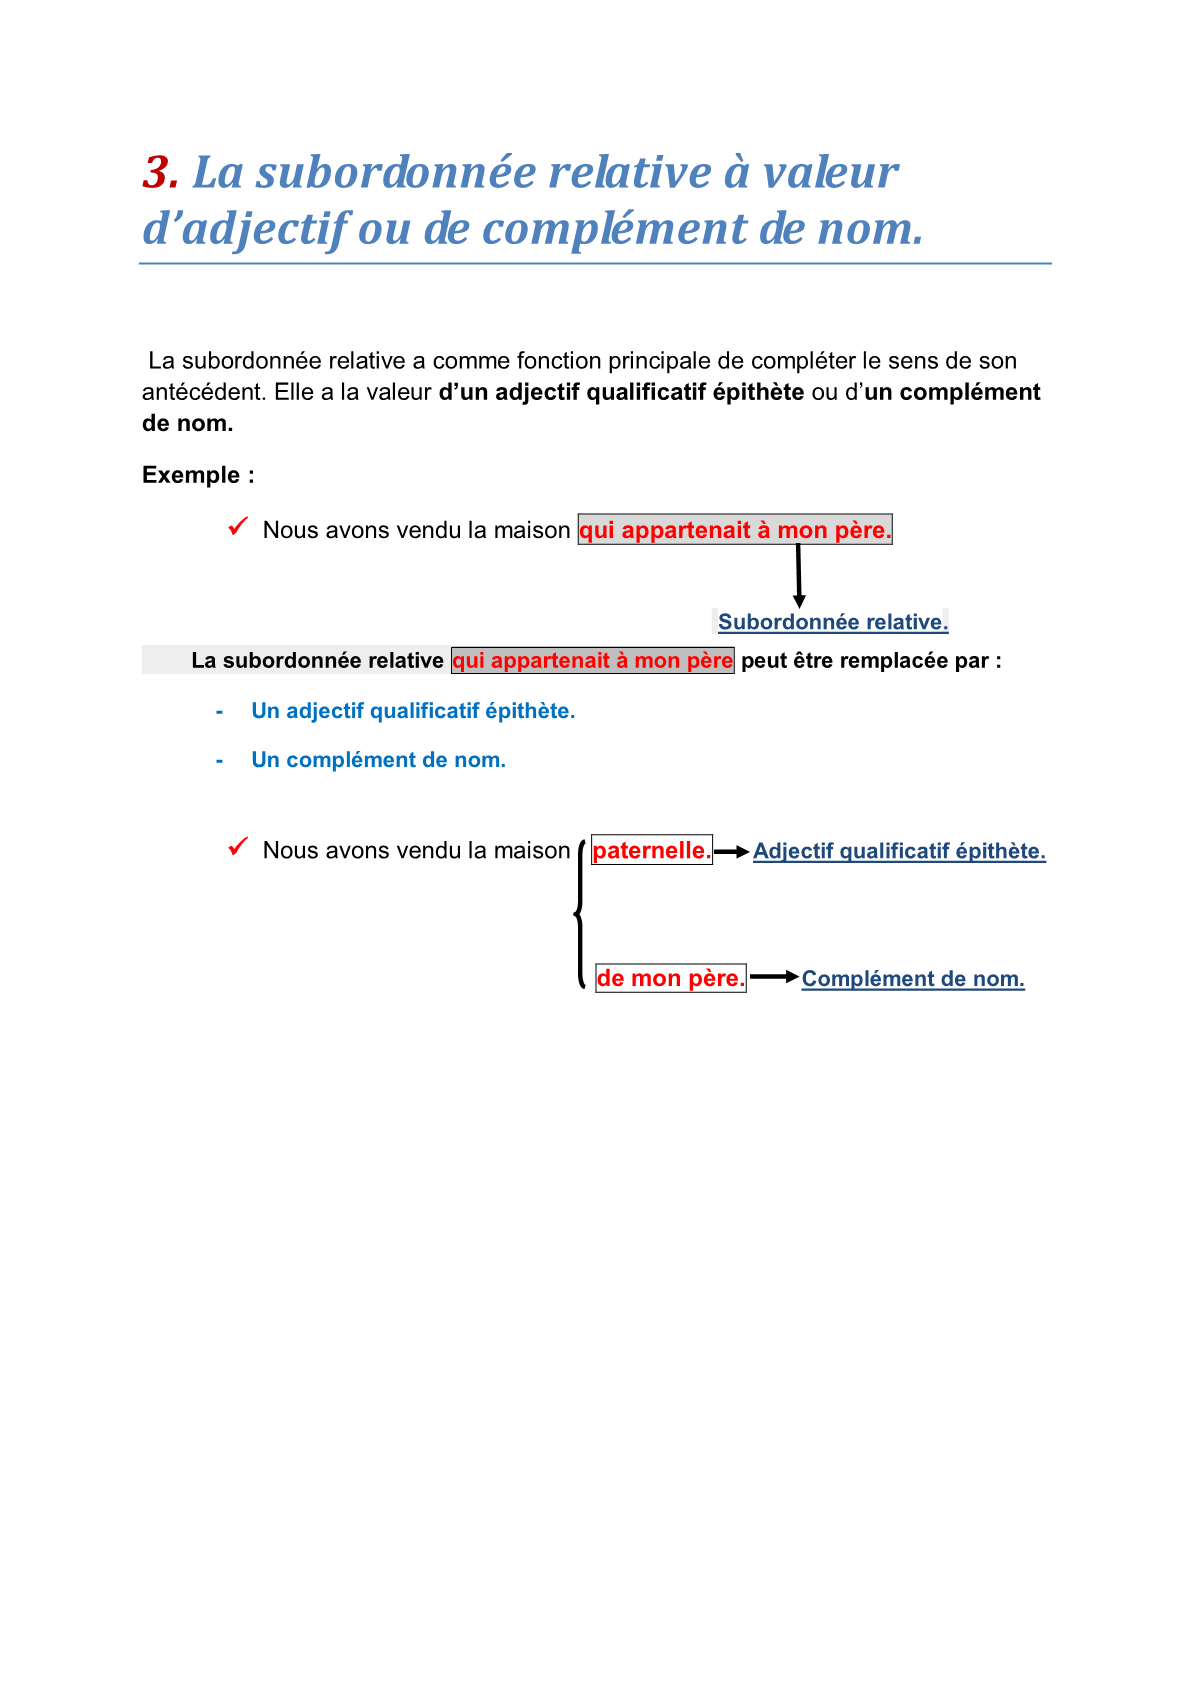 درس La subordonnée relative à valeur d'adjectif ou de complément de nom